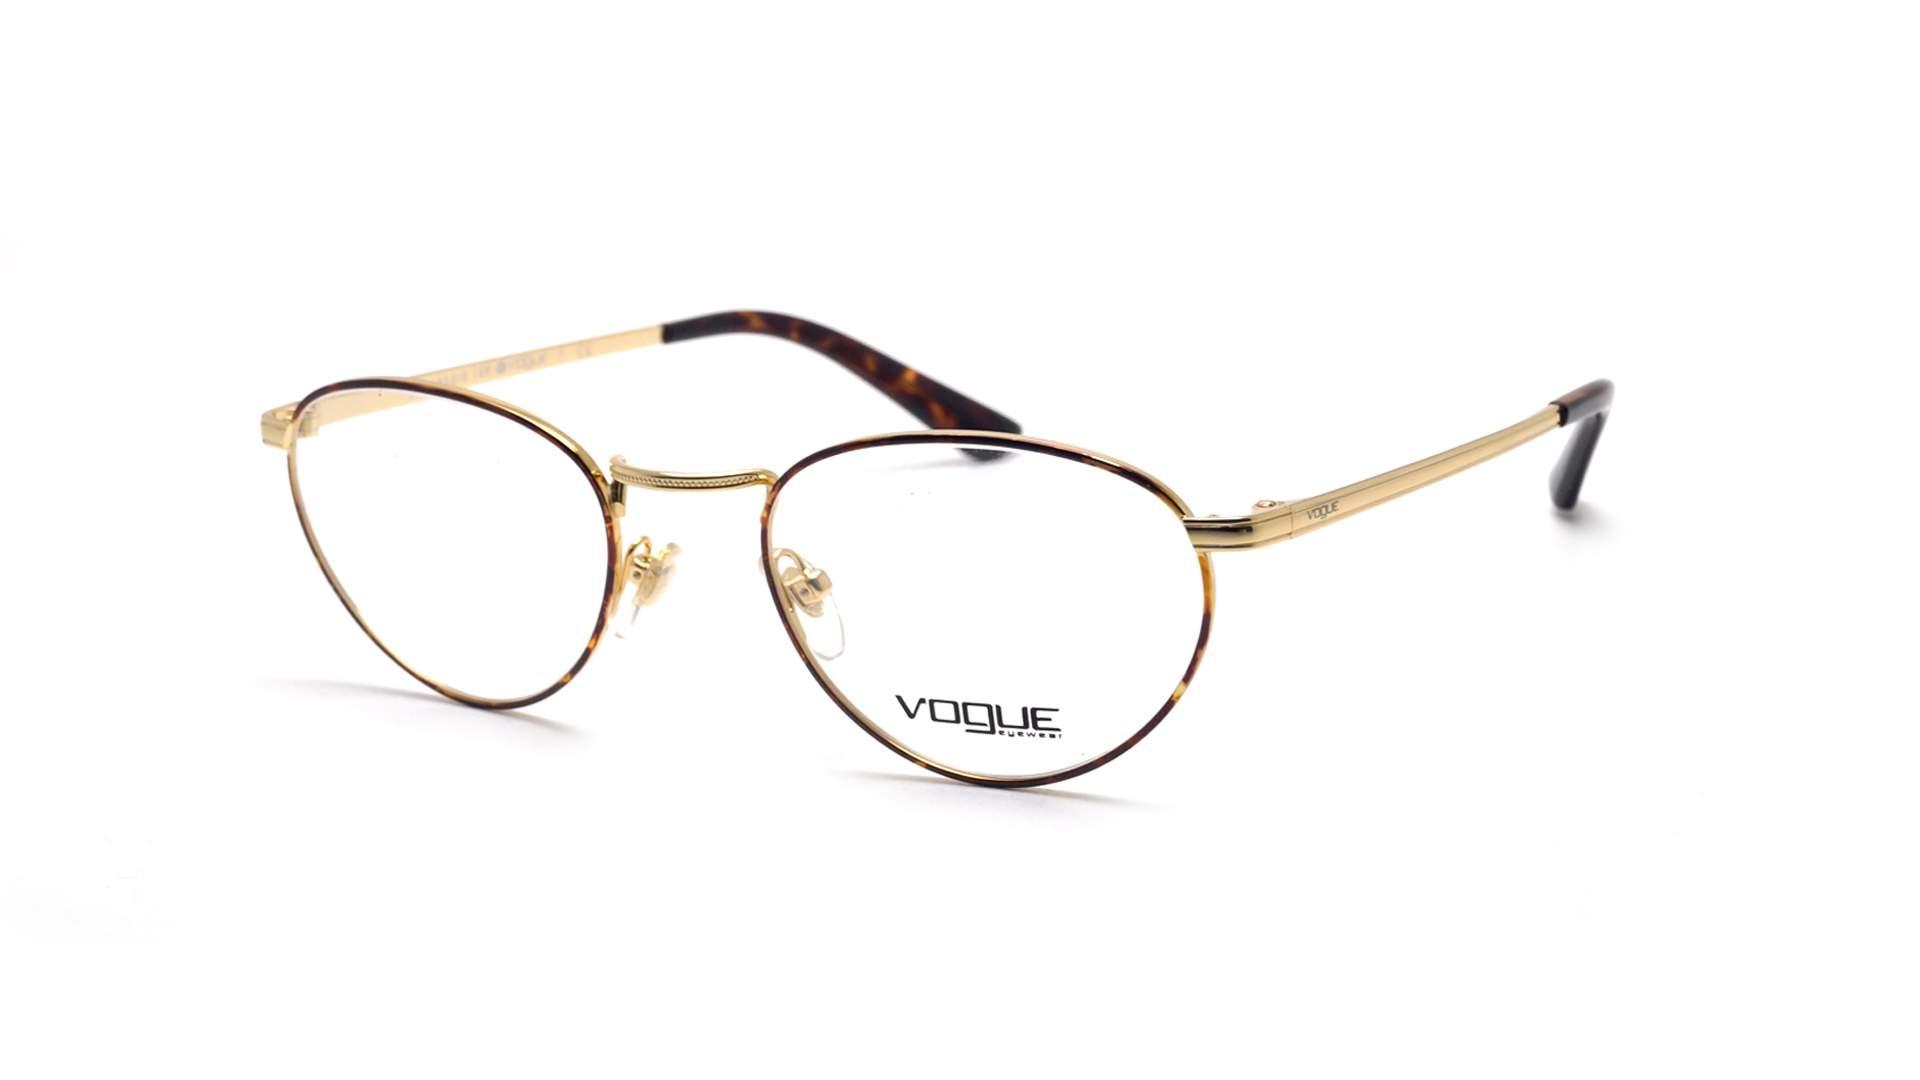 c989d6c4f68 Lunettes de vue Vogue Gigi hadid Écaille VO4084 5078 50-20 Small